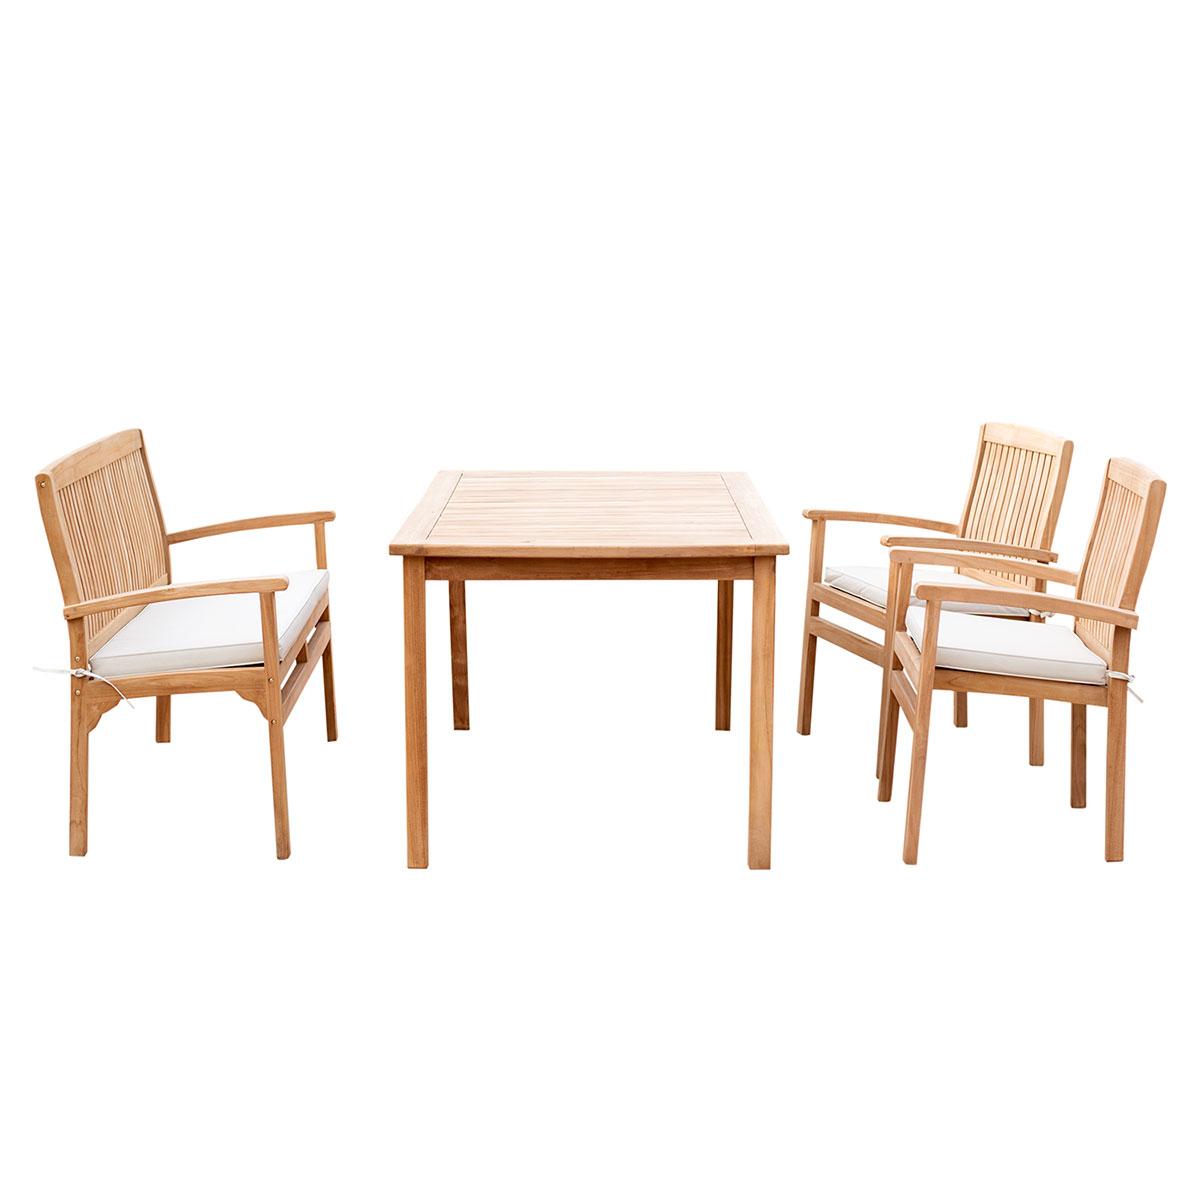 4er-Set Gartenmöbel aus Teak-Holz, Tisch 150x90, 2 x Stuhl mit ...